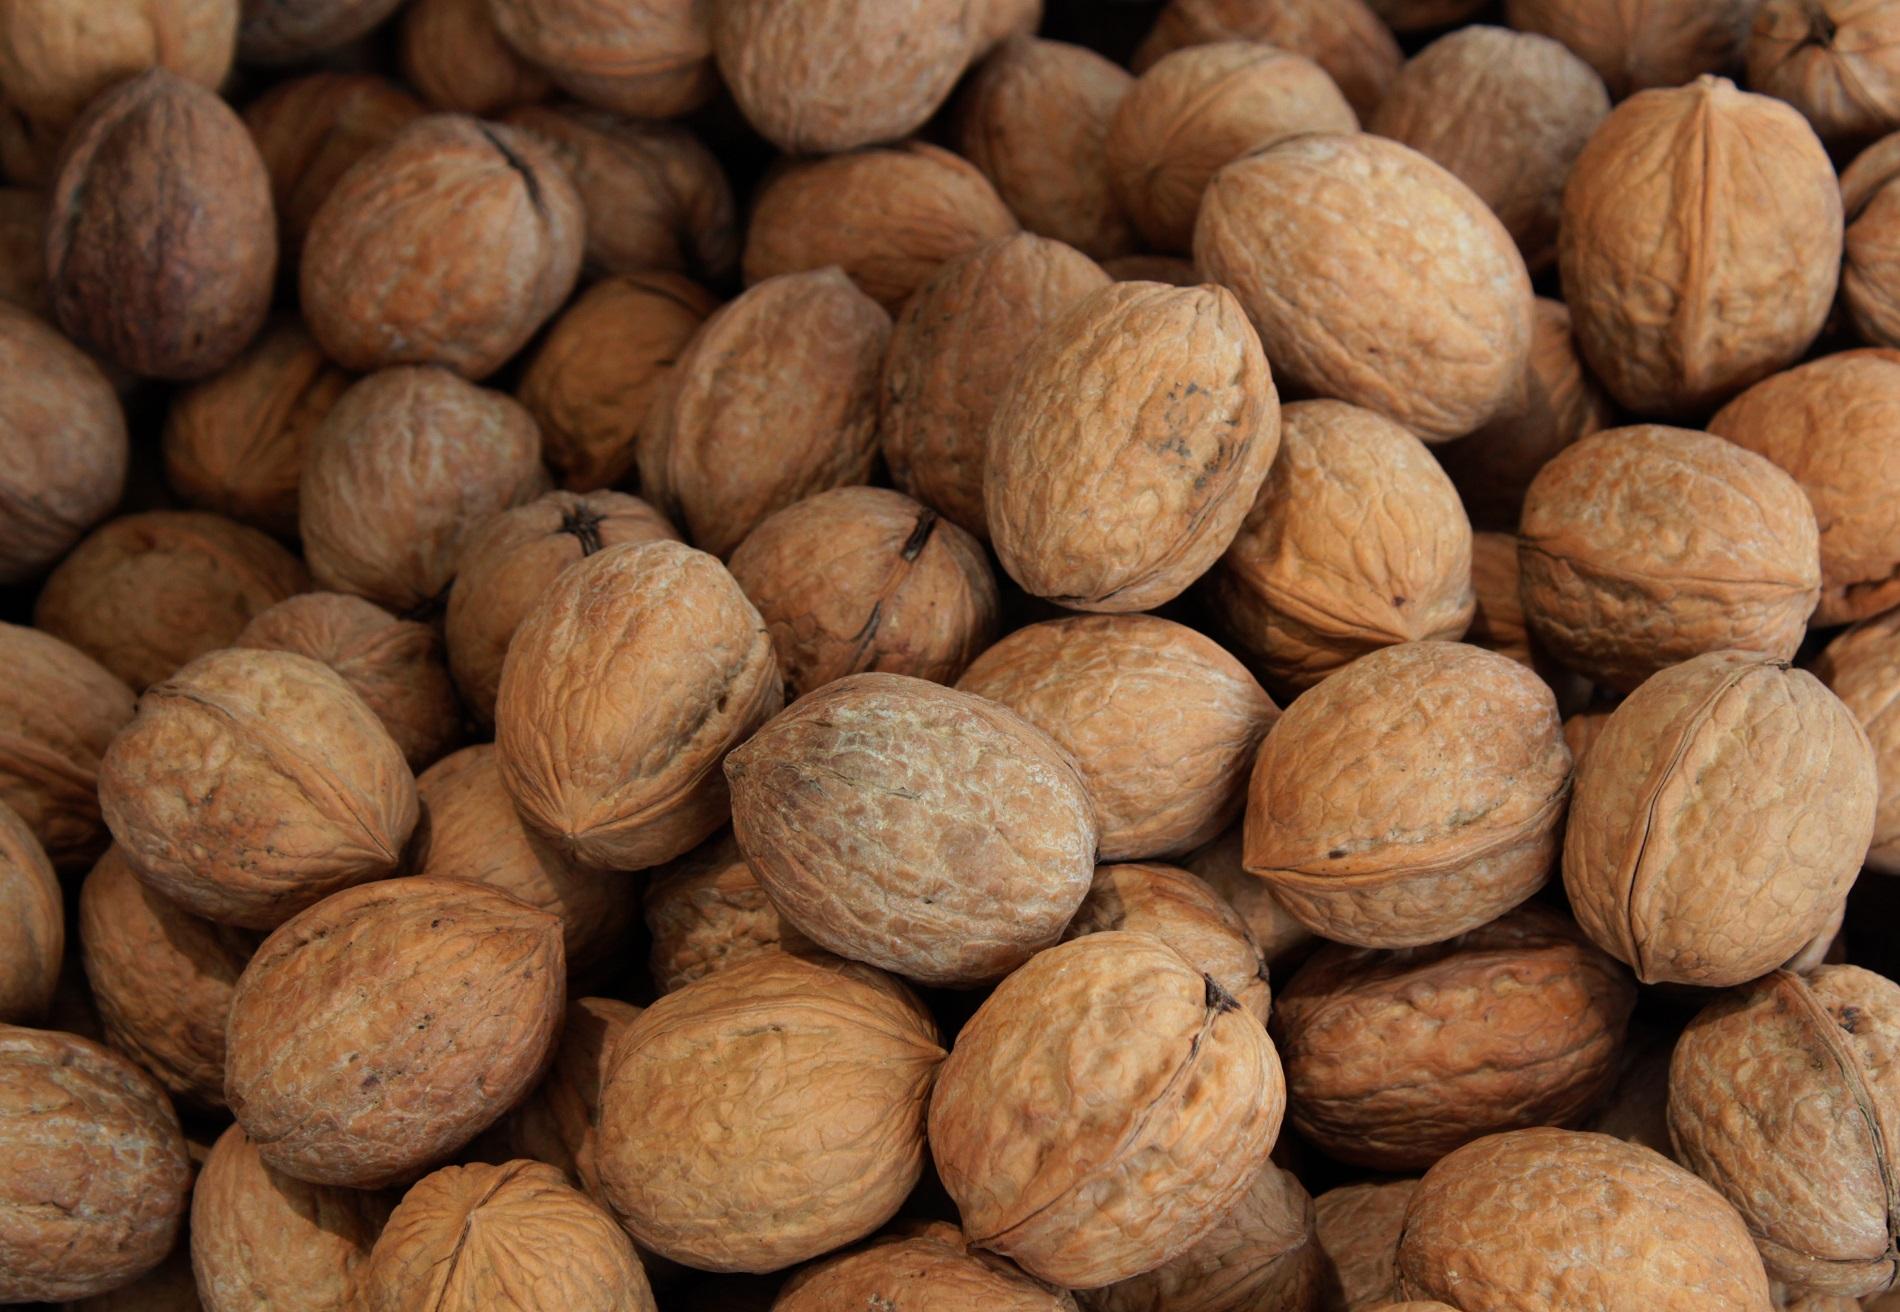 Осенне-зимний сезон: какие продукты питания не стоит игнорировать-Фото 4